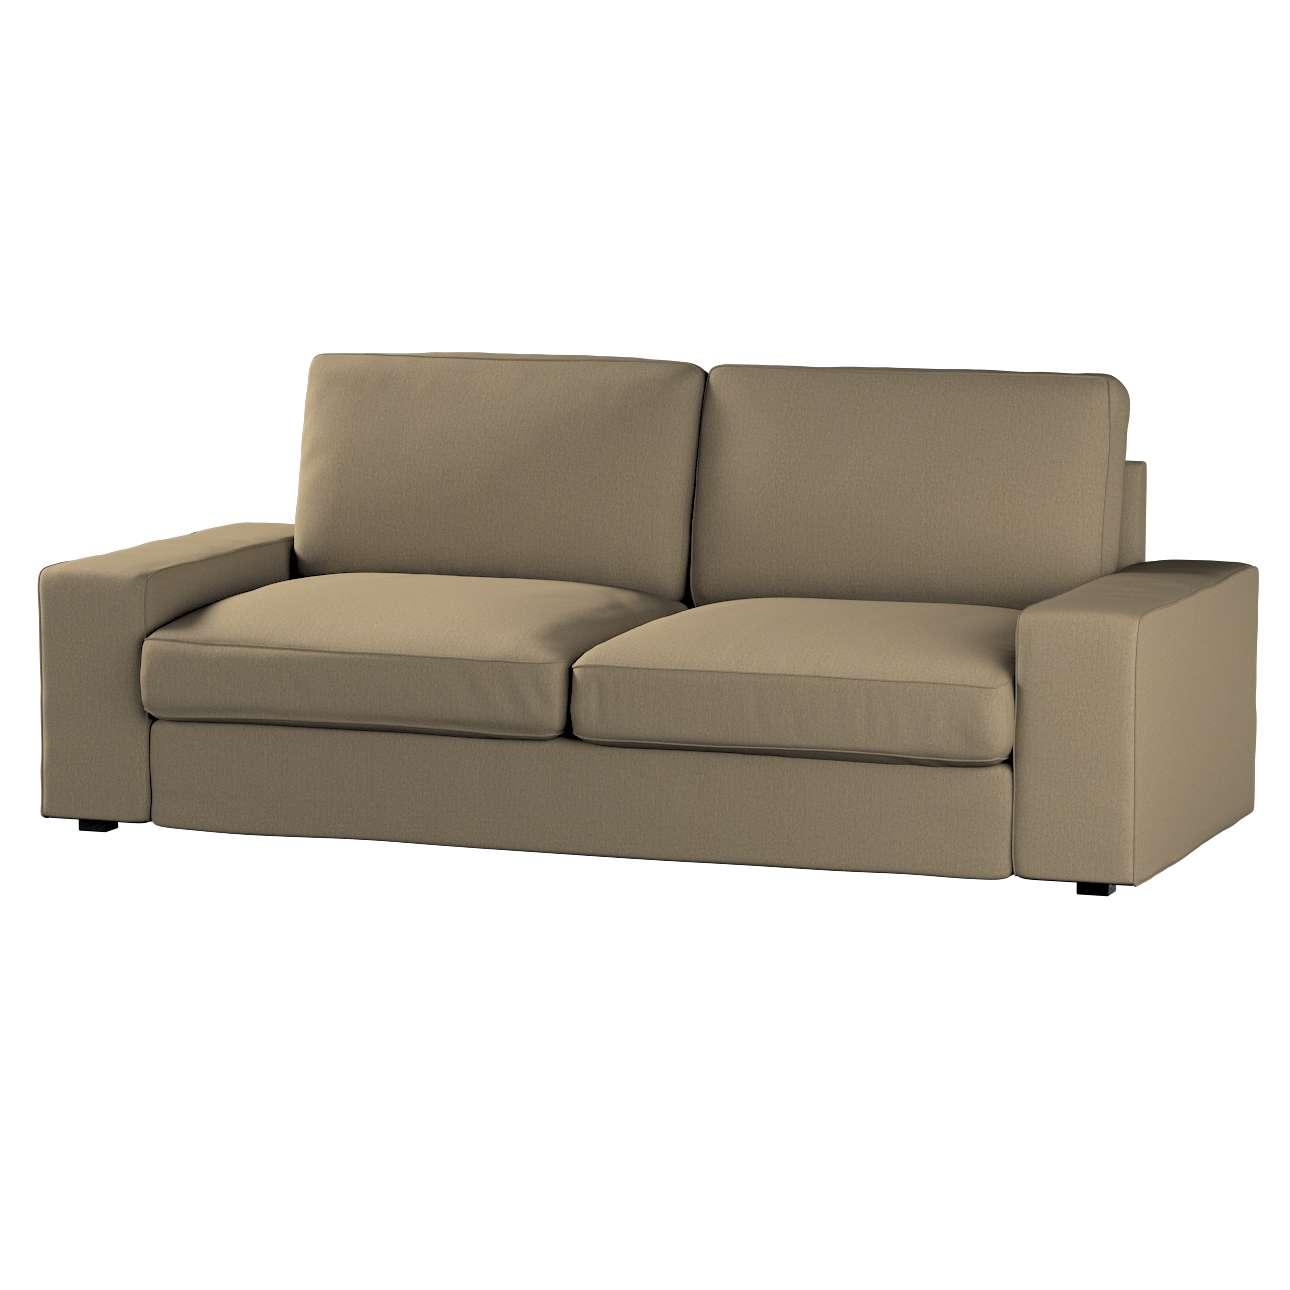 Pokrowiec na sofę Kivik 3-osobową, rozkładaną Sofa Kivik 3-osobowa rozkładana w kolekcji Chenille, tkanina: 702-21